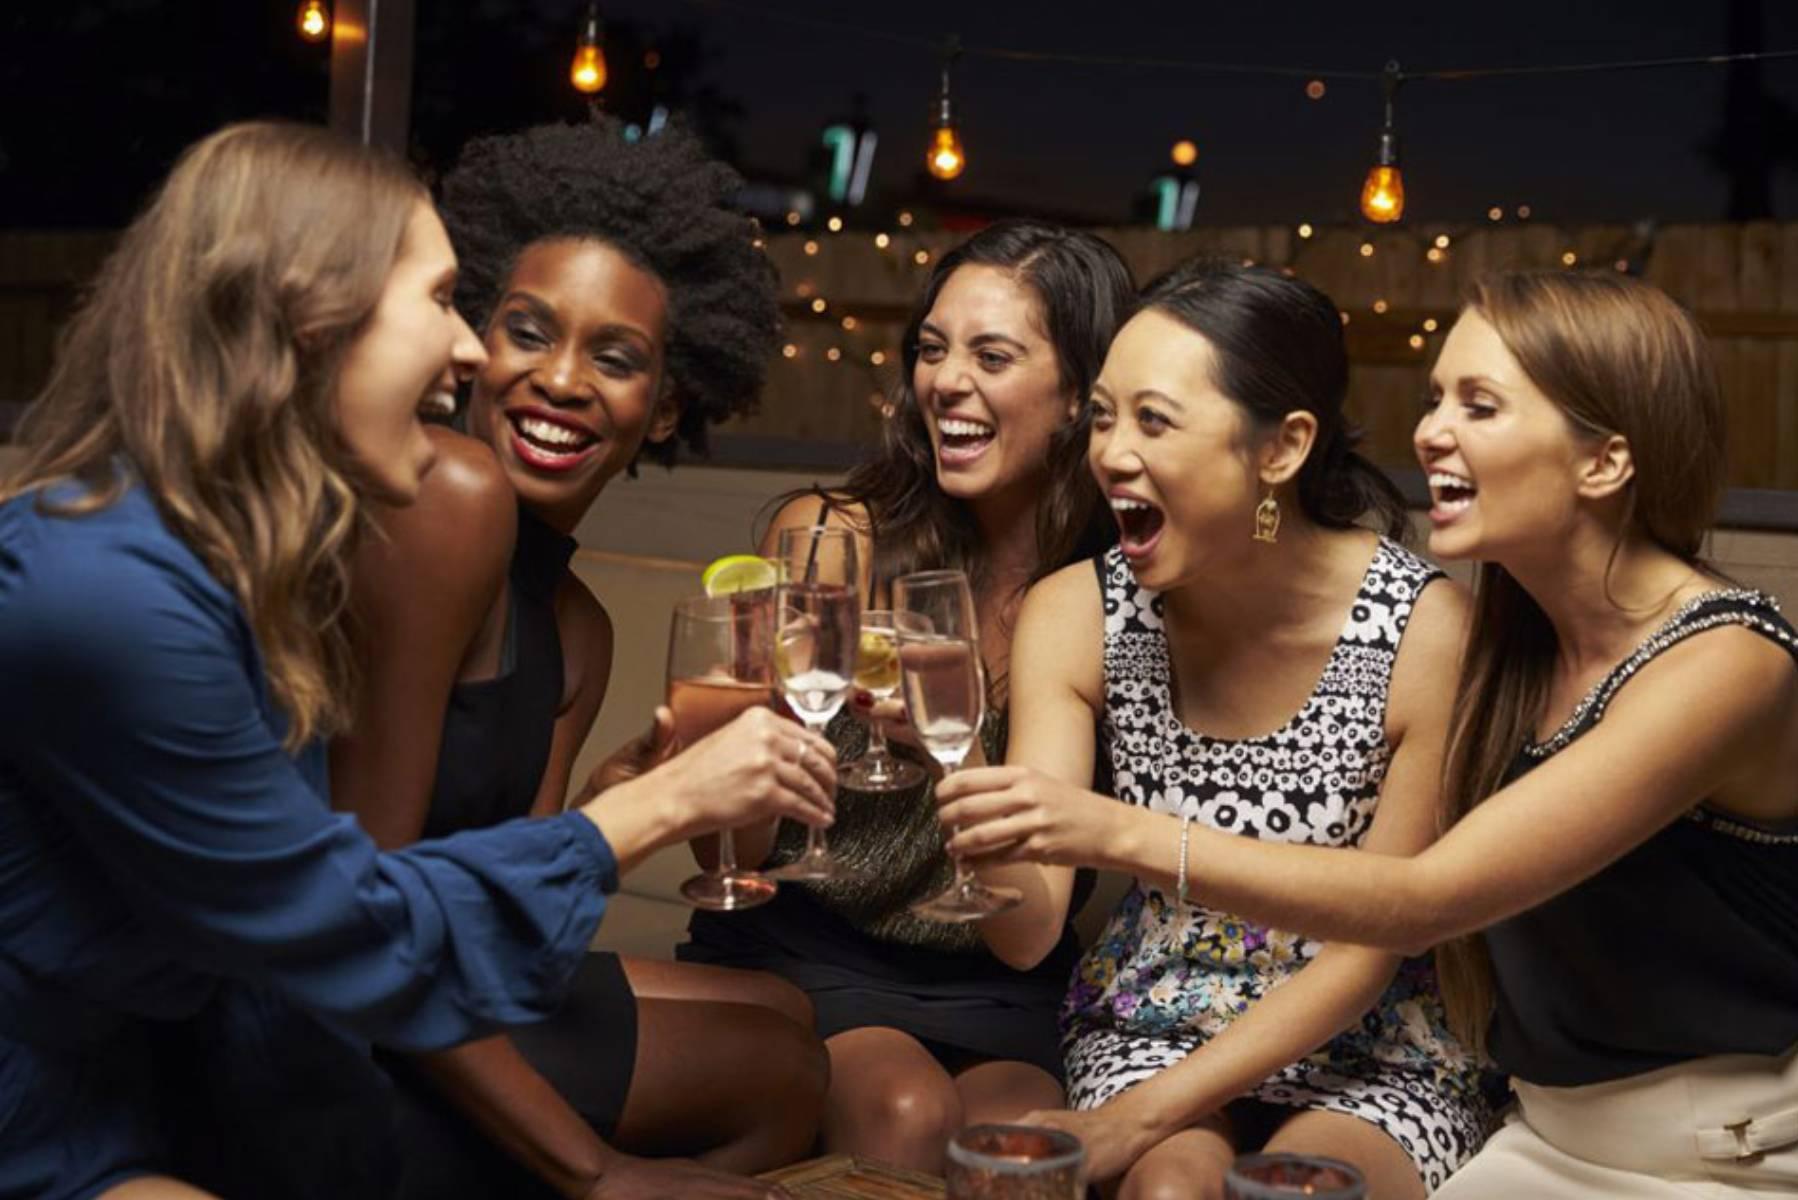 najlepsza-muzyka-na-impreze-w-kobiecym-gronie